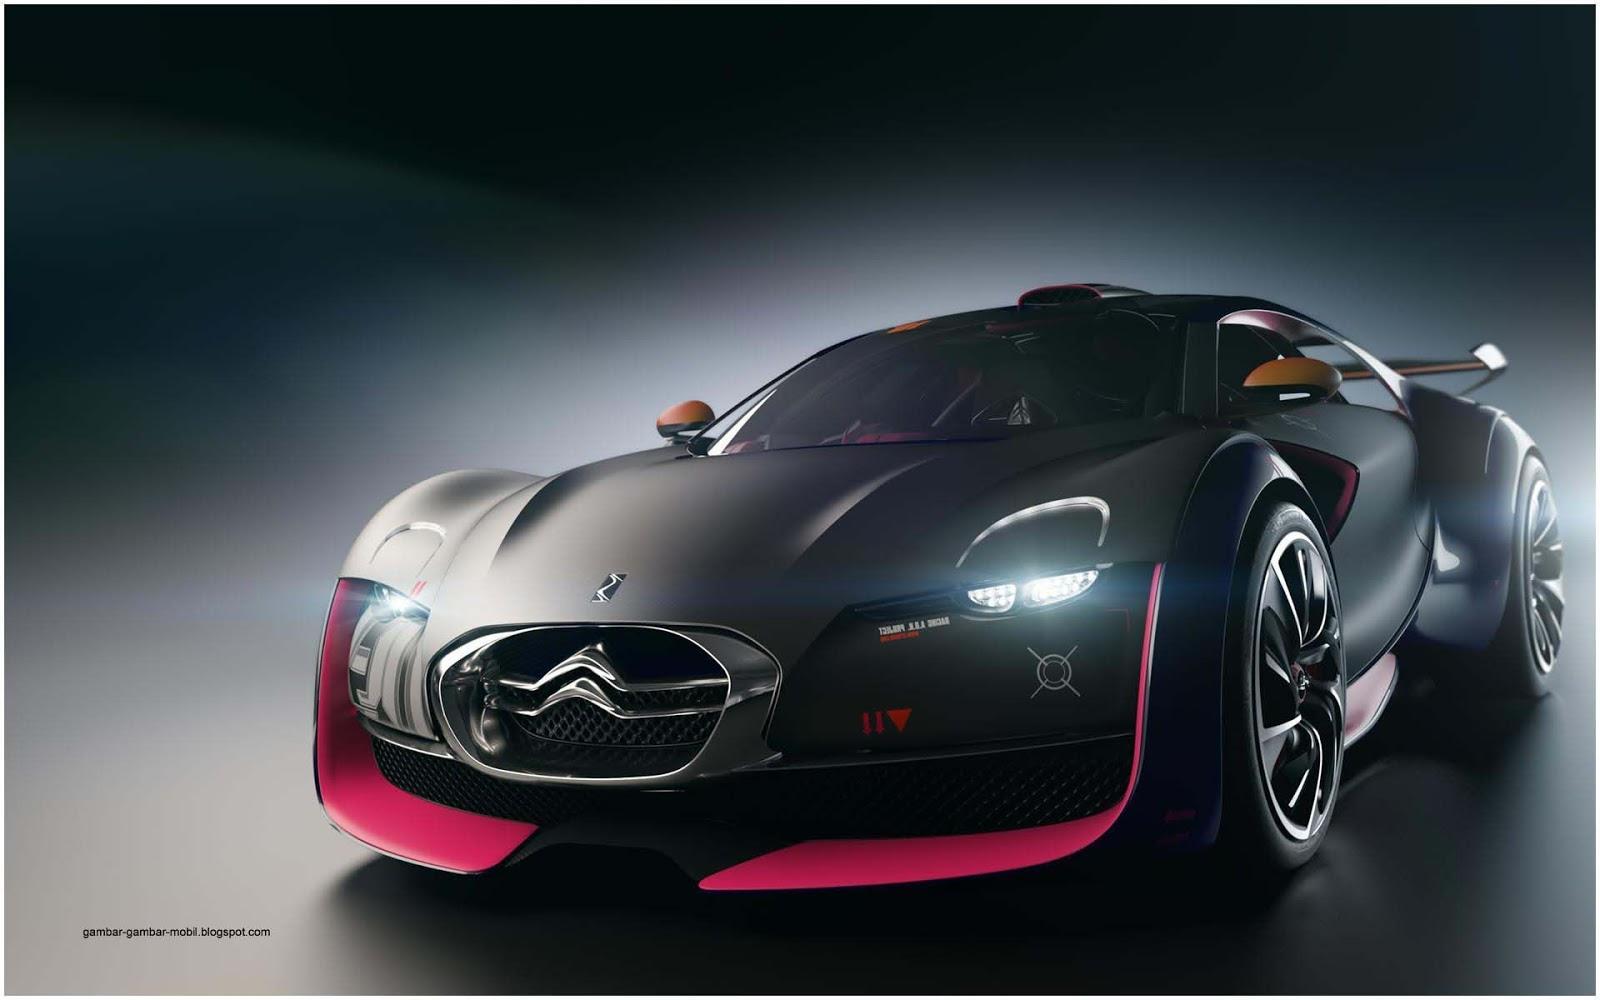 Wallpaper Mobil Sport Termahal Di Dunia: Foto Mobil Sport Dan Keistimewaan Yang Diusung Di Dalamnya